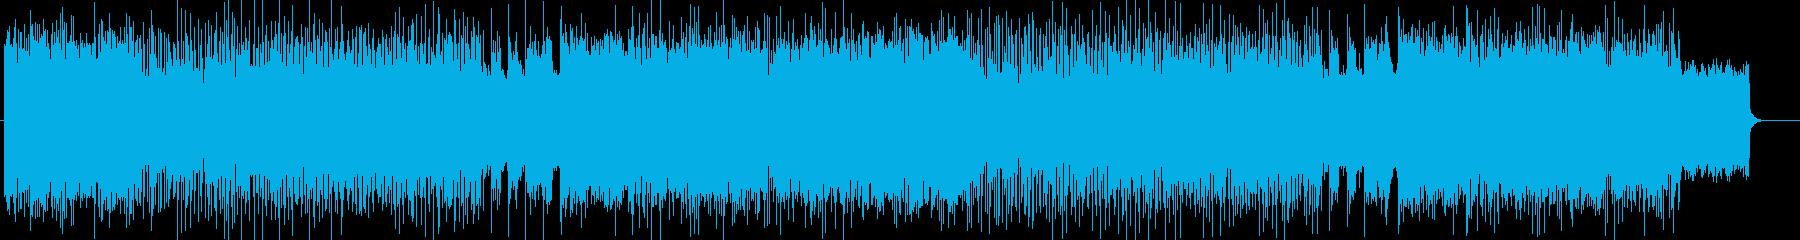 疾走感、勢いのあるハード曲 BGM263の再生済みの波形